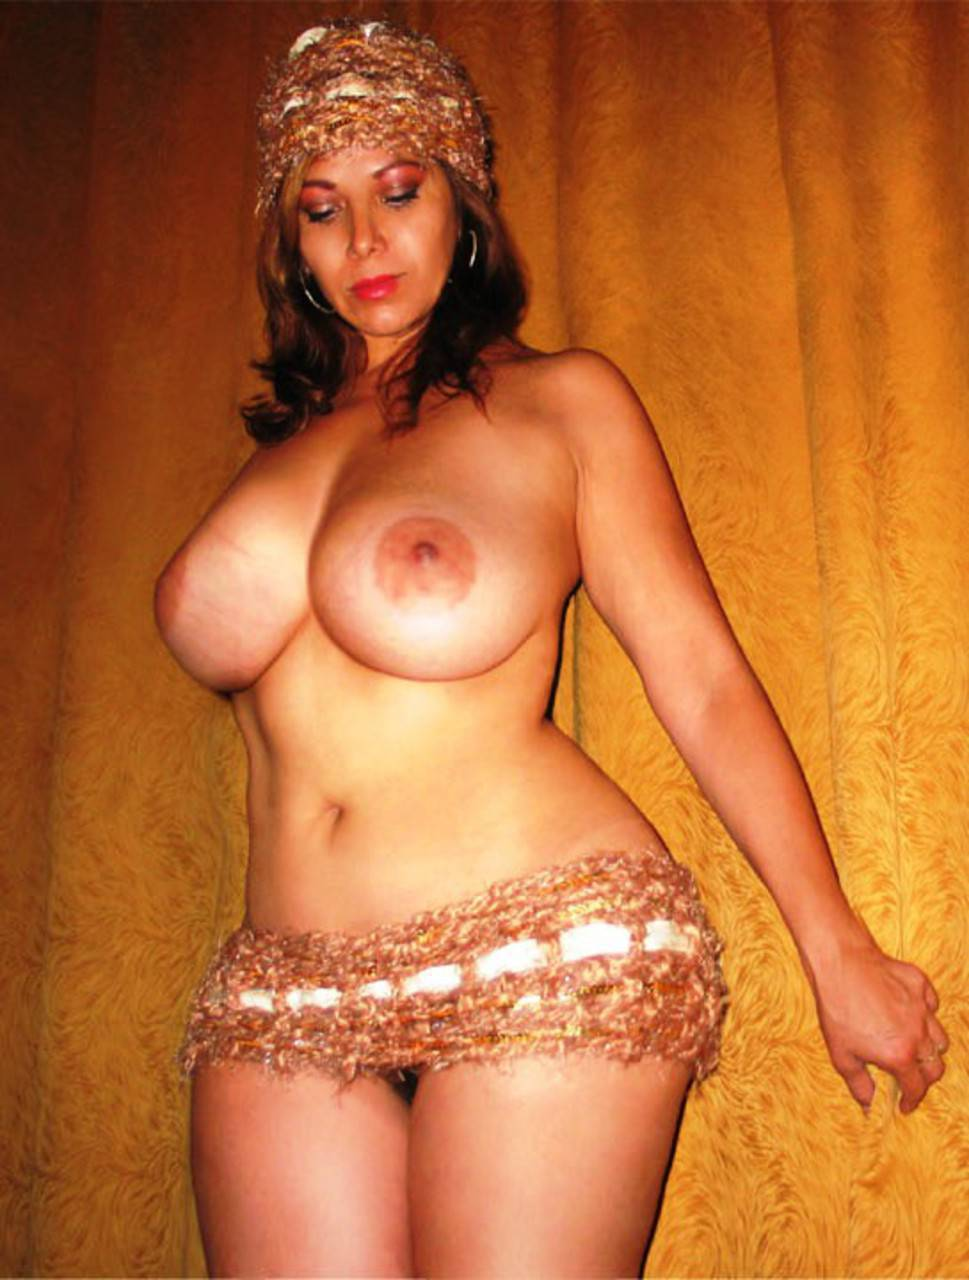 Фото больших жоп и маленькой груди 16 фотография